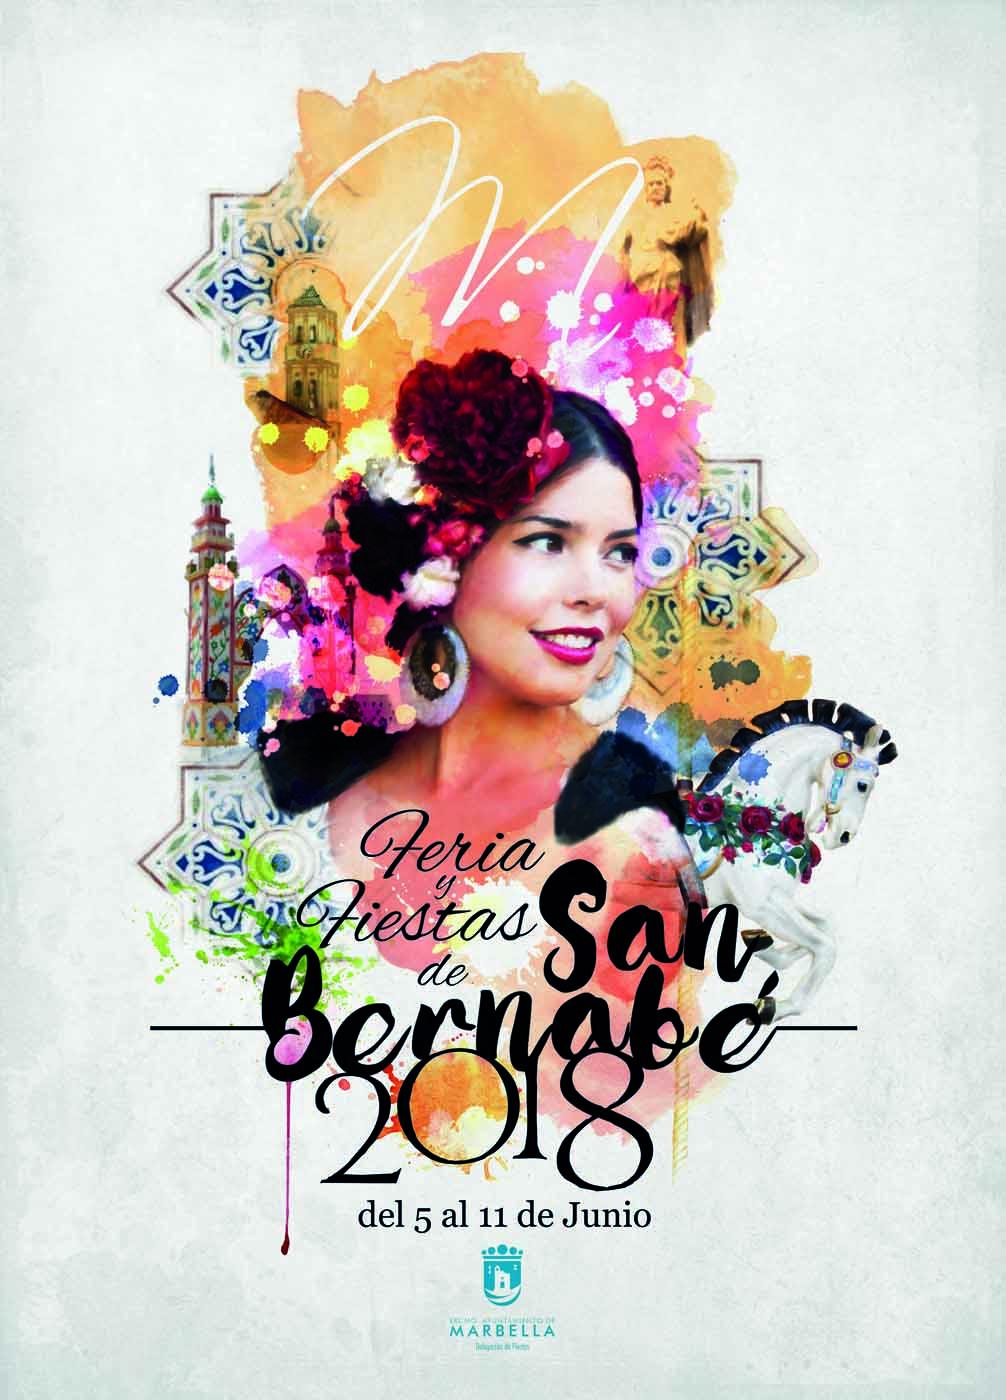 programa de feria y fiestas de San Bernabé 2018